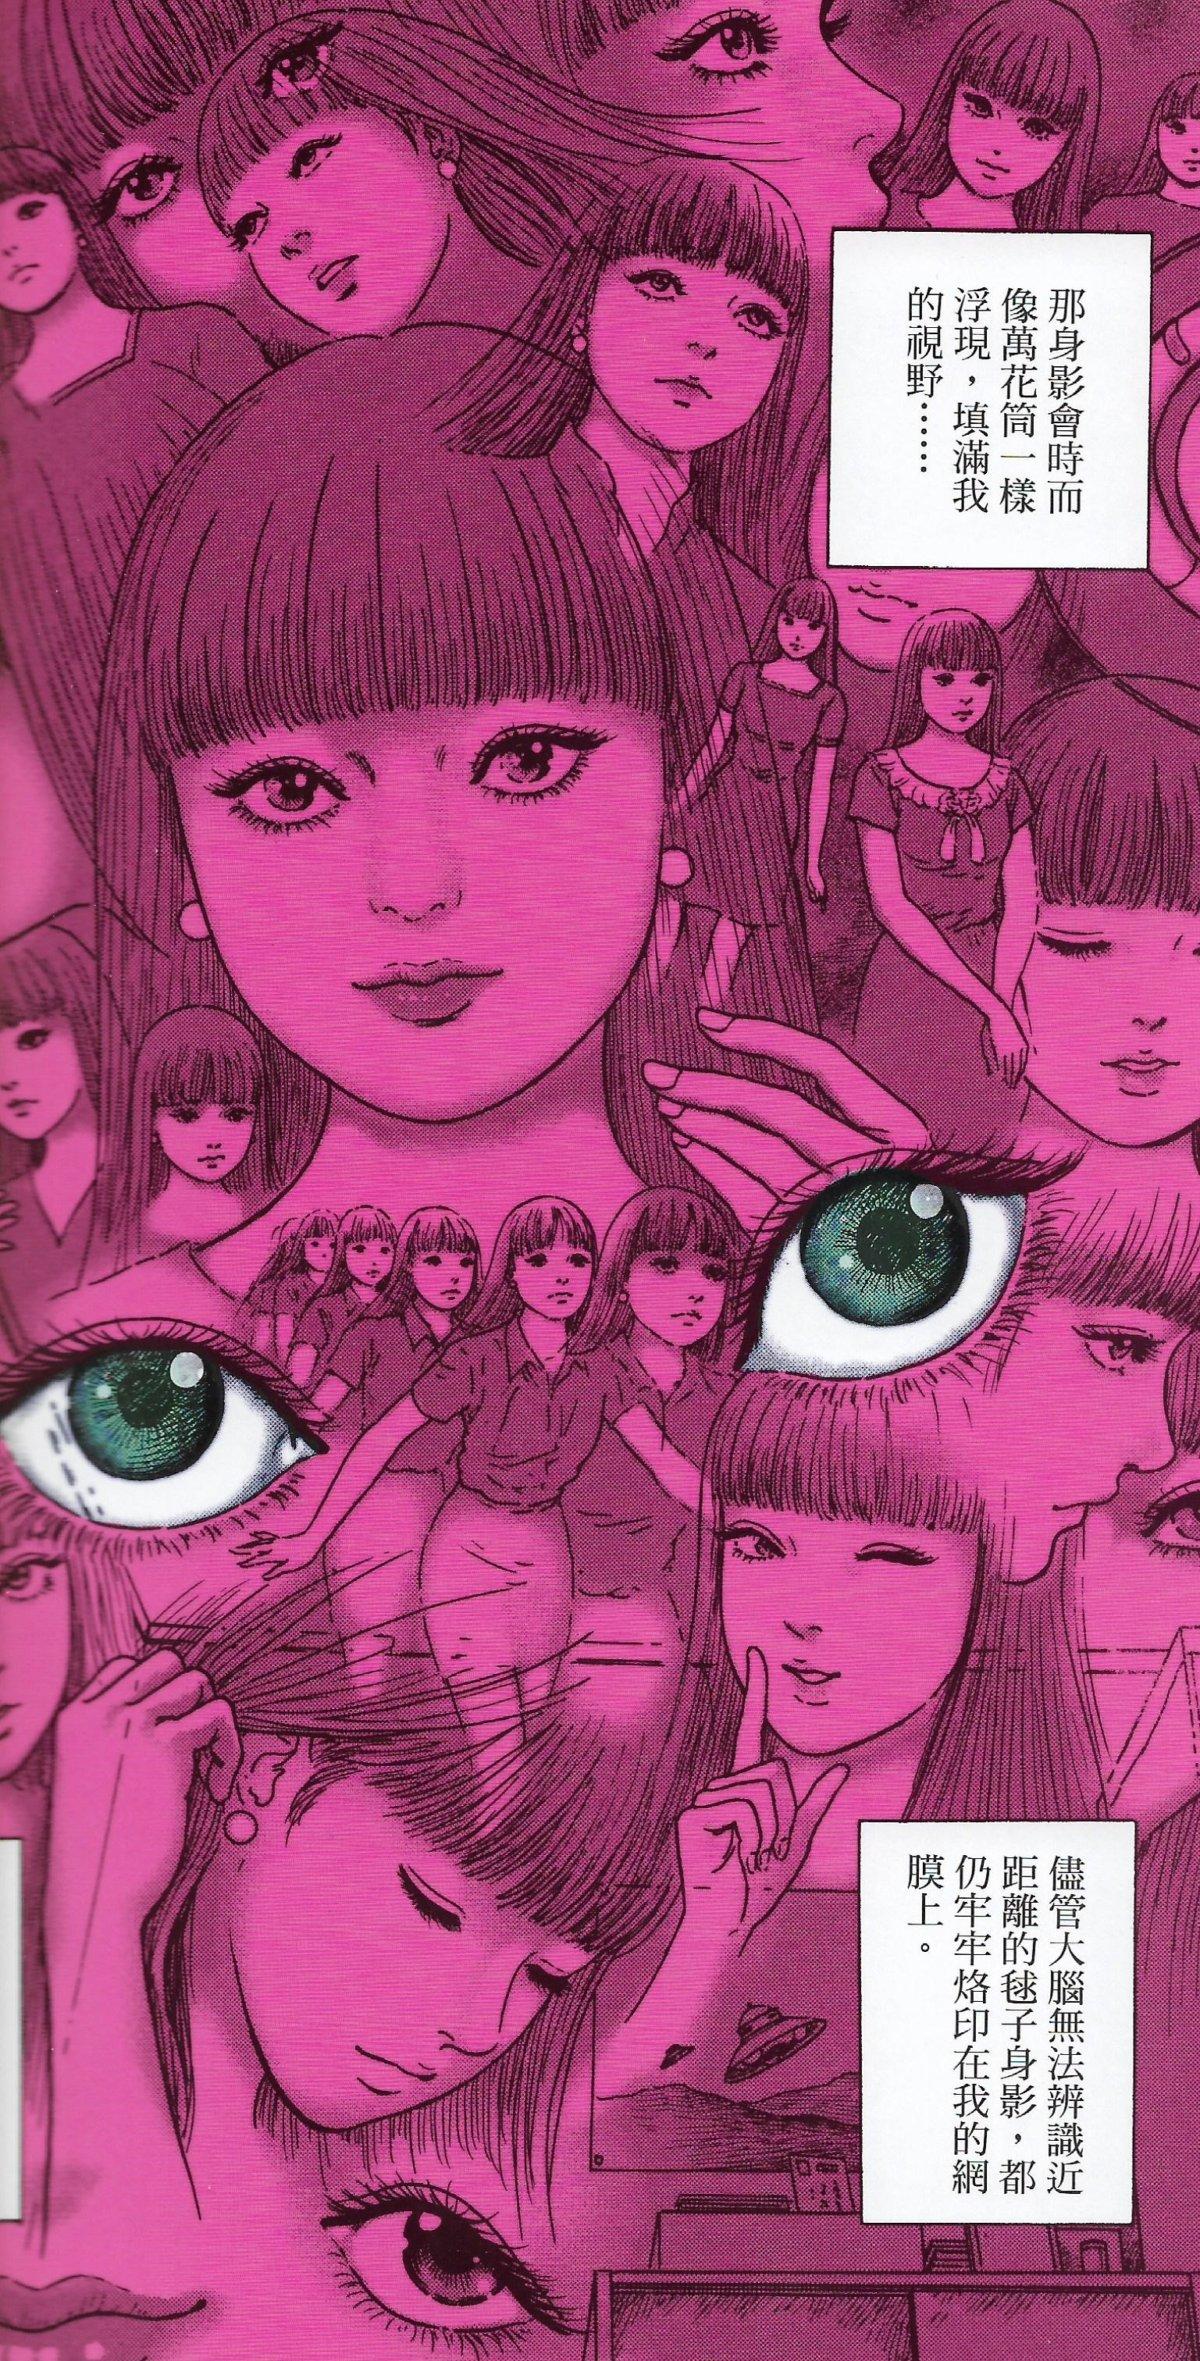 密集+漂亮工整的少女,成了伊藤潤二恐怖題材的重要元素。